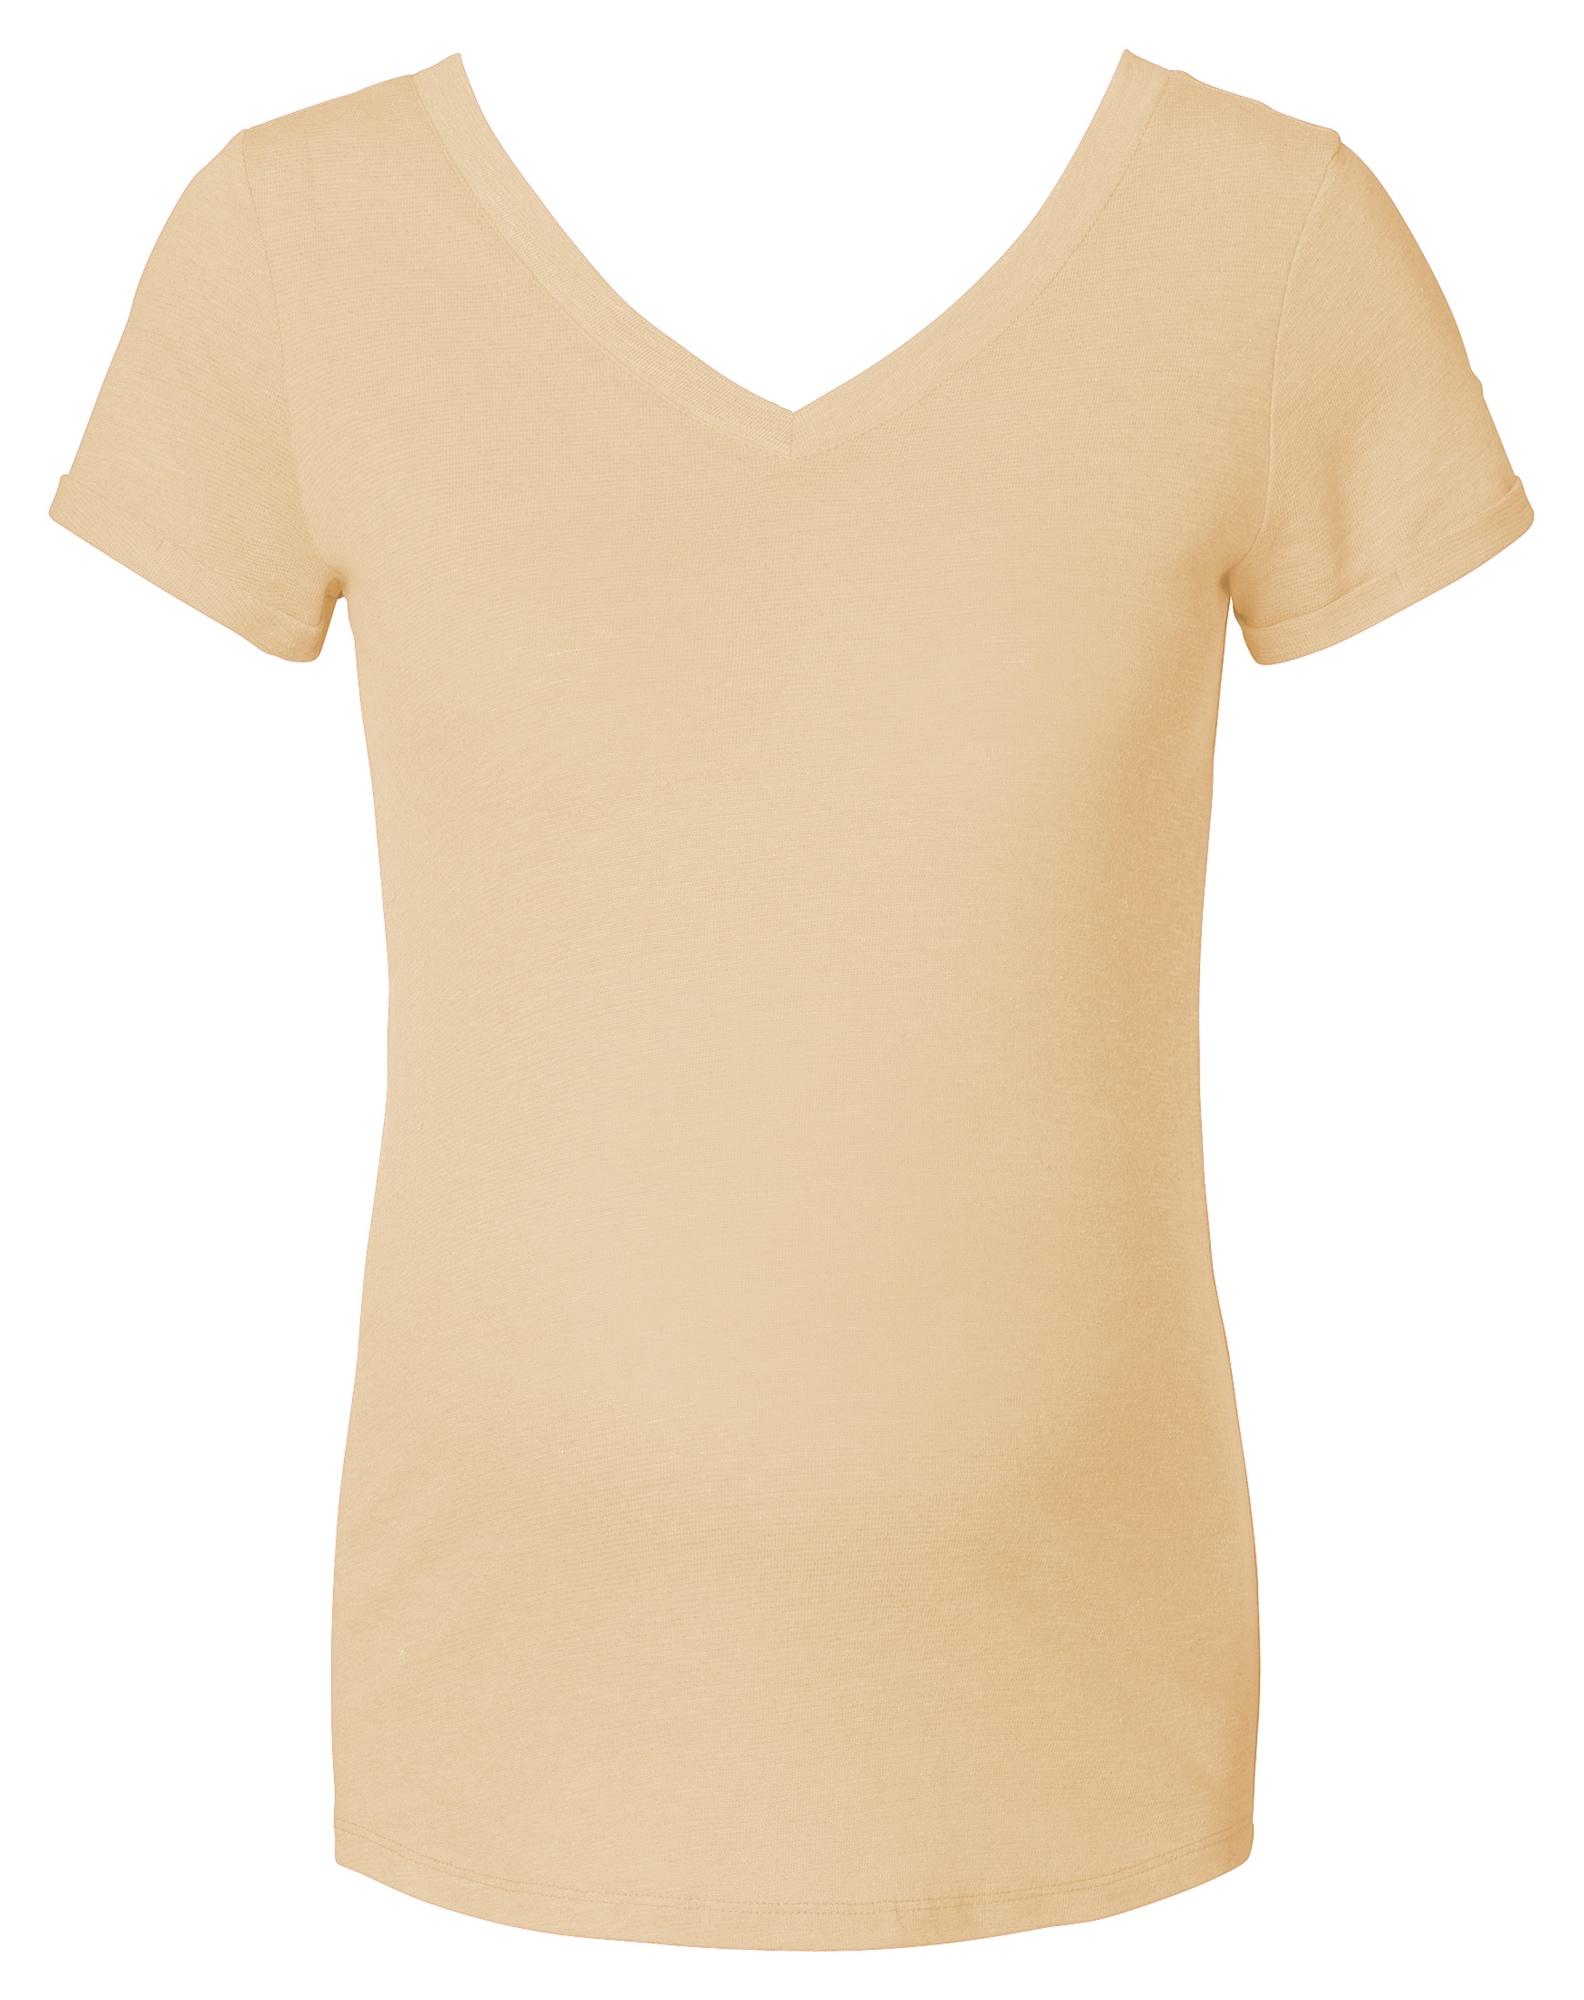 Esprit Maternity Marškinėliai gelsvai pilka spalva